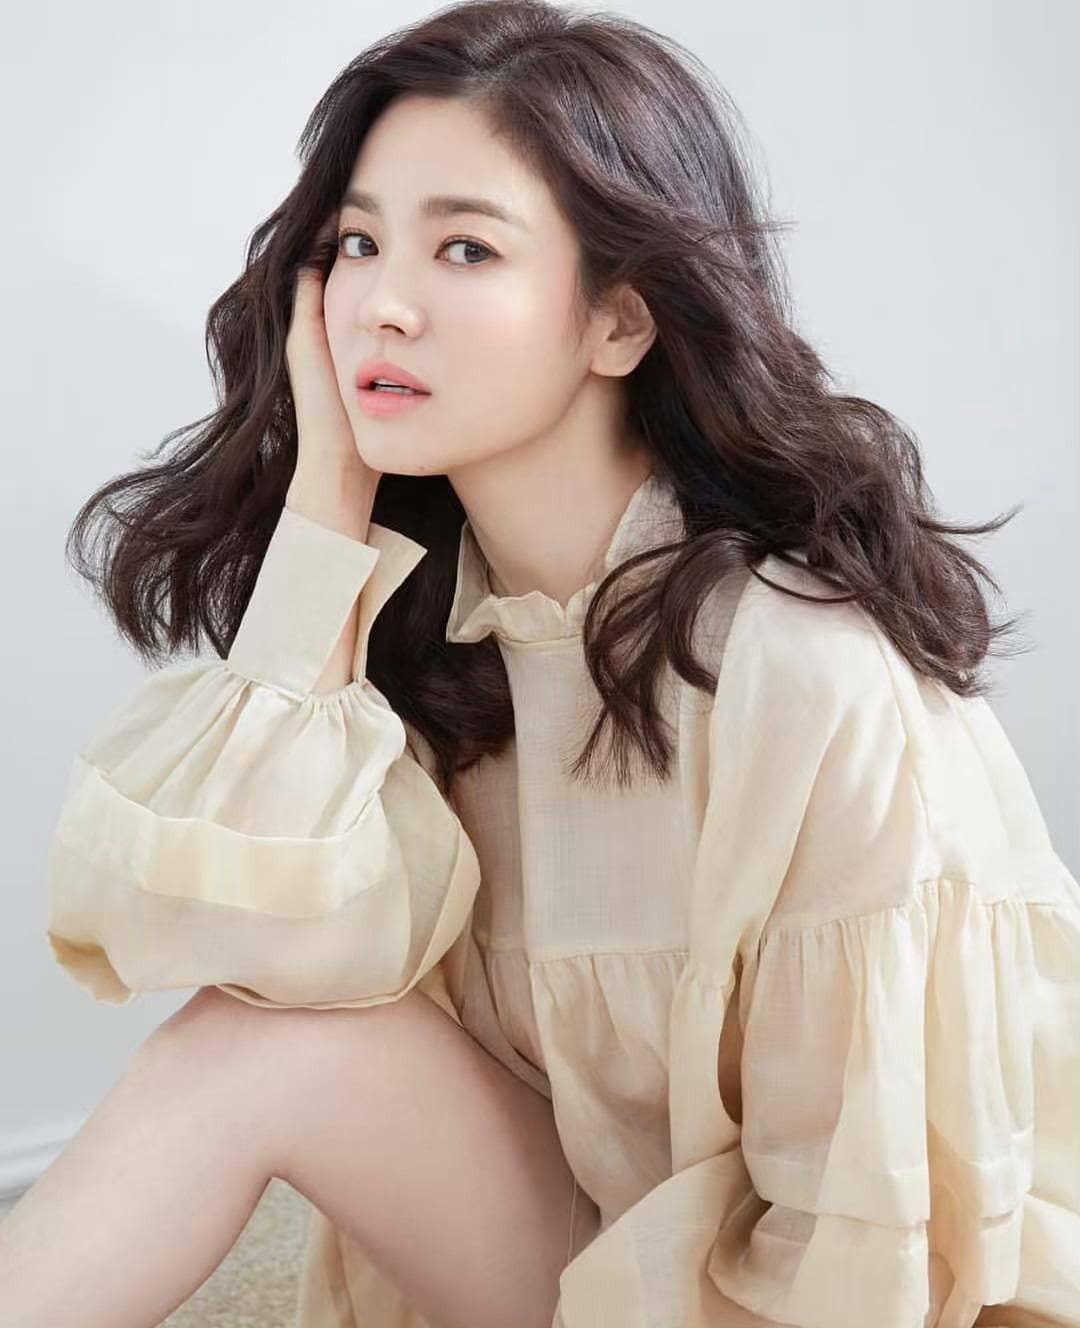 Vừa bị chê già, Song Hye Kyo dập lại bằng bộ ảnh tạp chí gây ngỡ ngàng: 38 tuổi mà trẻ đẹp, body nuột như gái 20